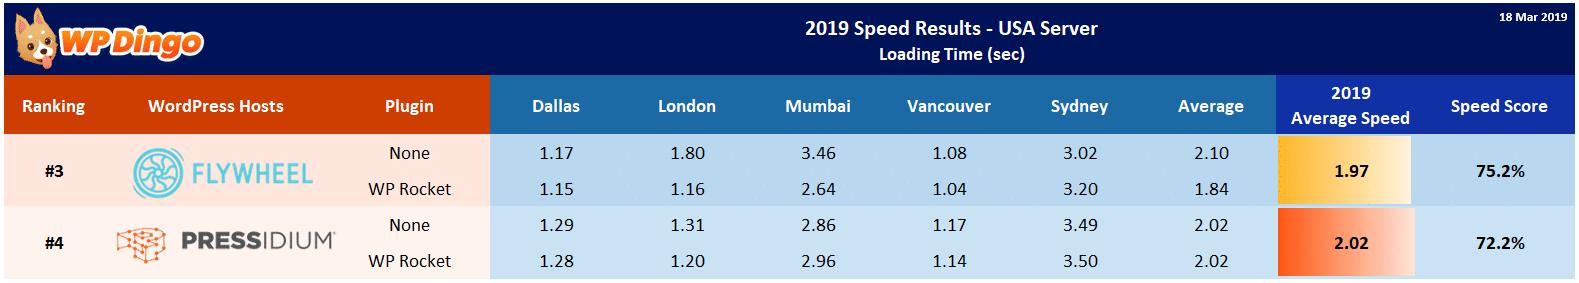 2019 Flywheel vs Pressidium Speed Table - USA Server